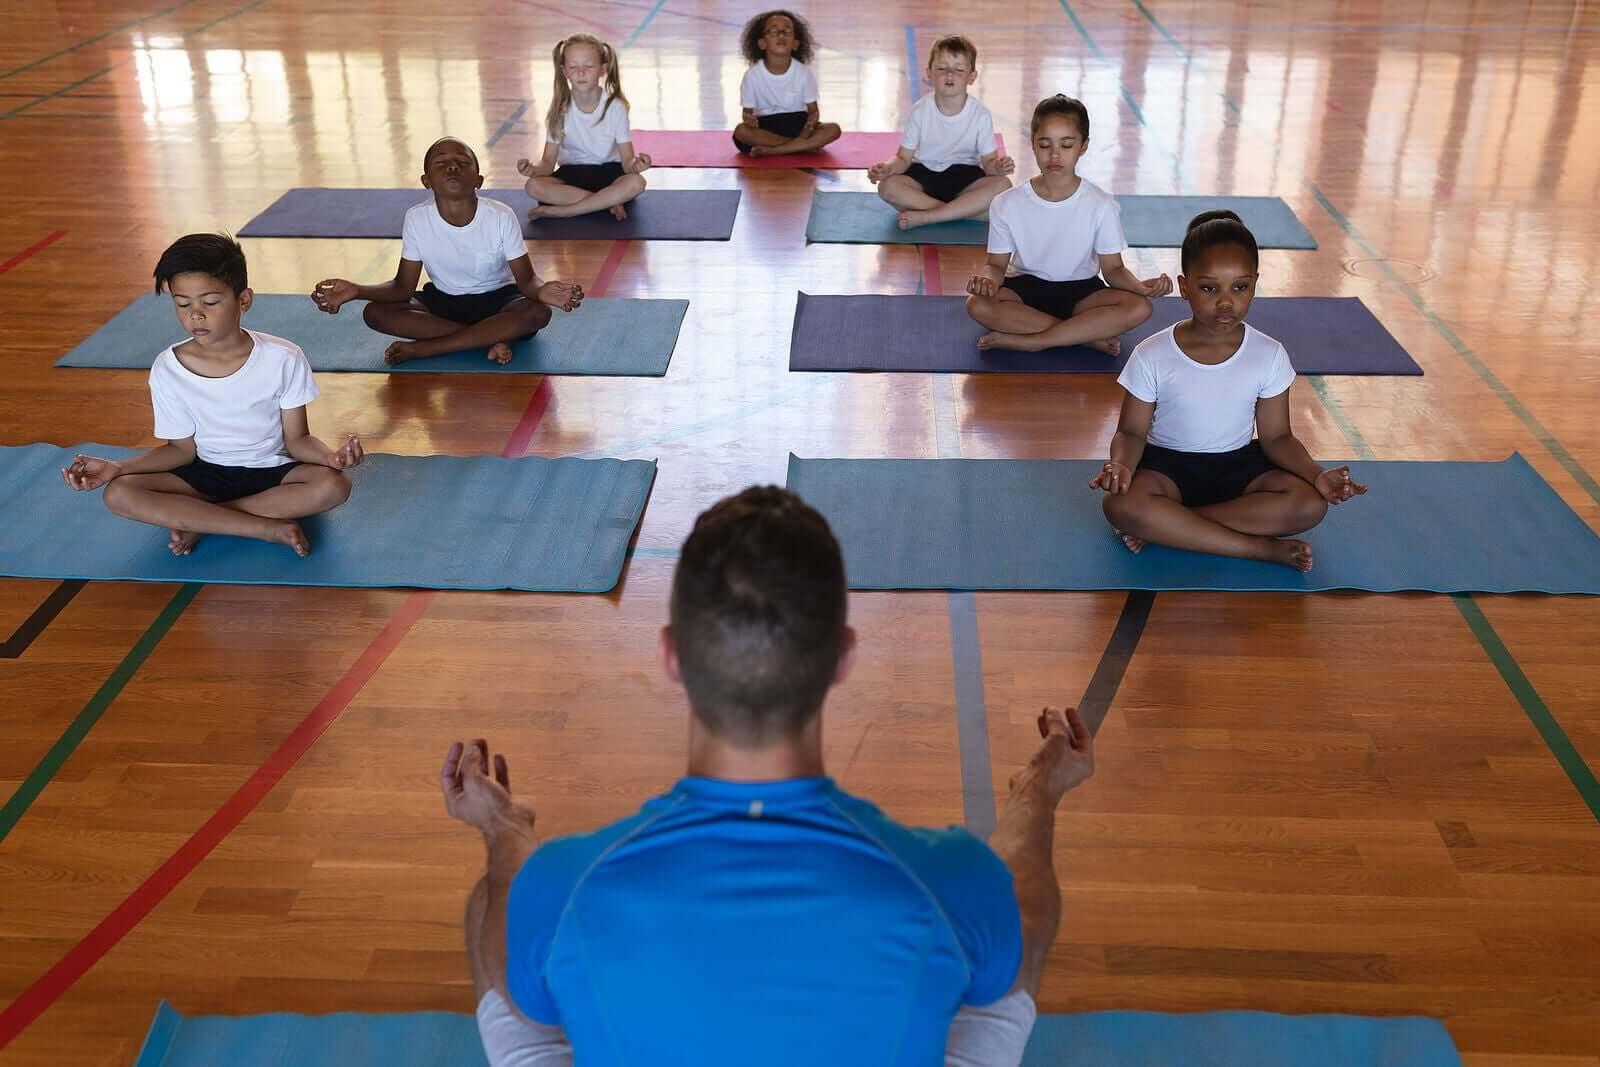 Yoga na sala de aula: chaves e benefícios